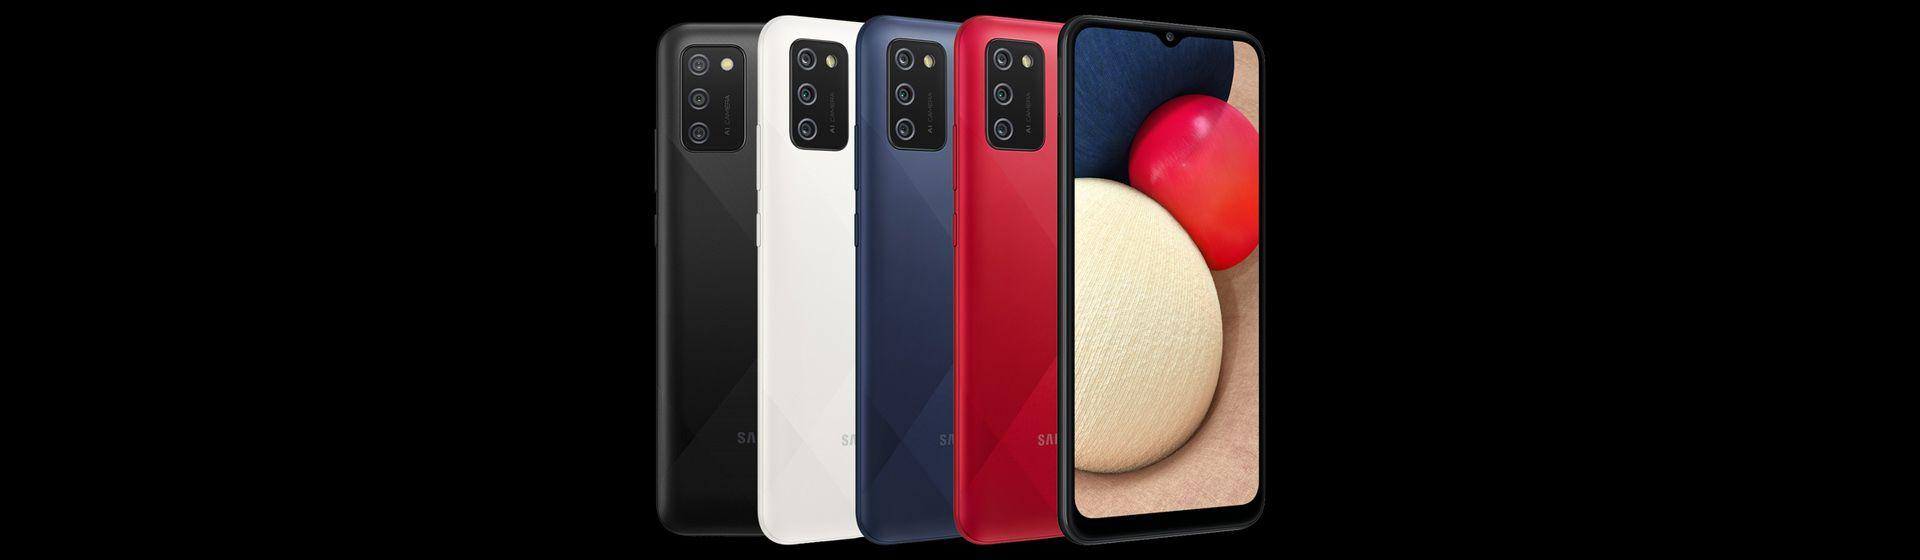 Samsung lança Galaxy A12 e A02s, intermediários com boas câmeras e bateria de 5.000 mAh